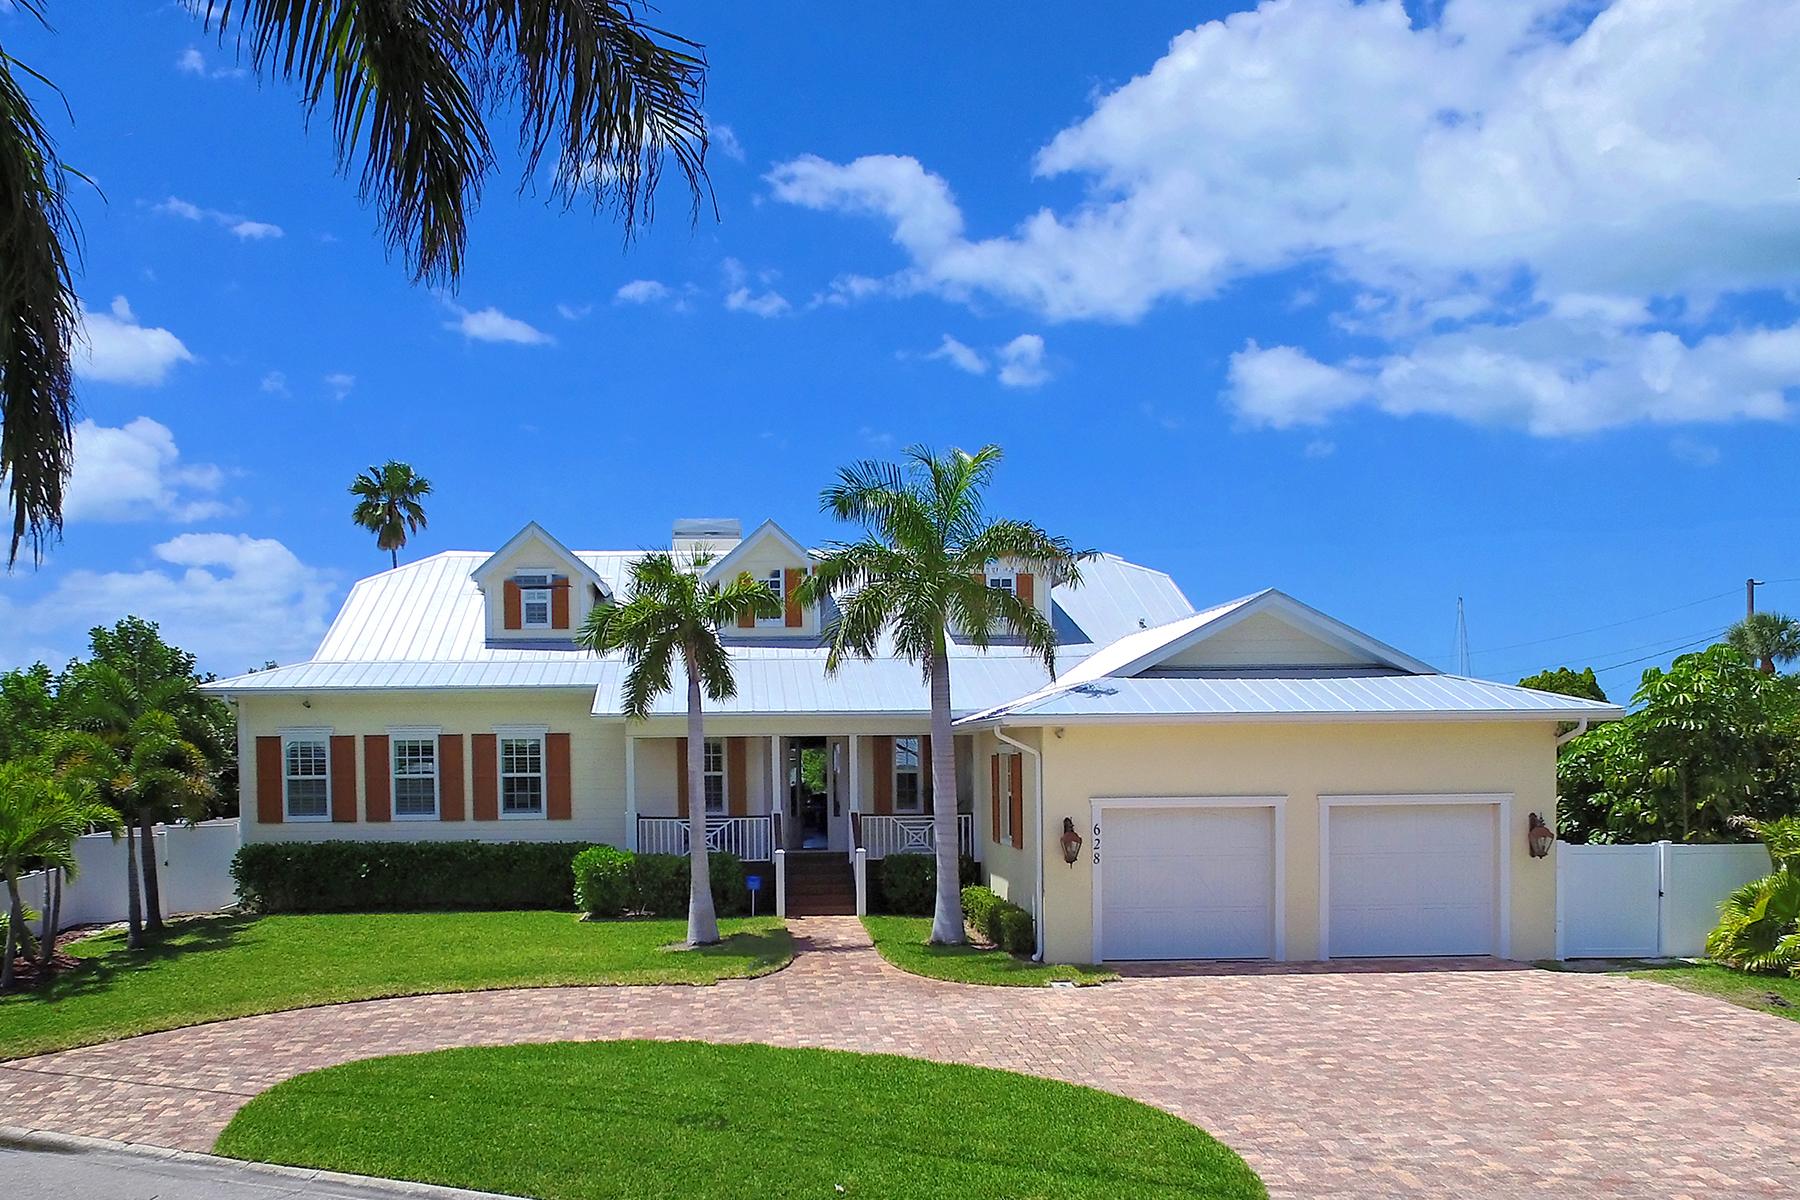 단독 가정 주택 용 매매 에 HOLMES BEACH 628 Key Royale Dr Holmes Beach, 플로리다, 34217 미국